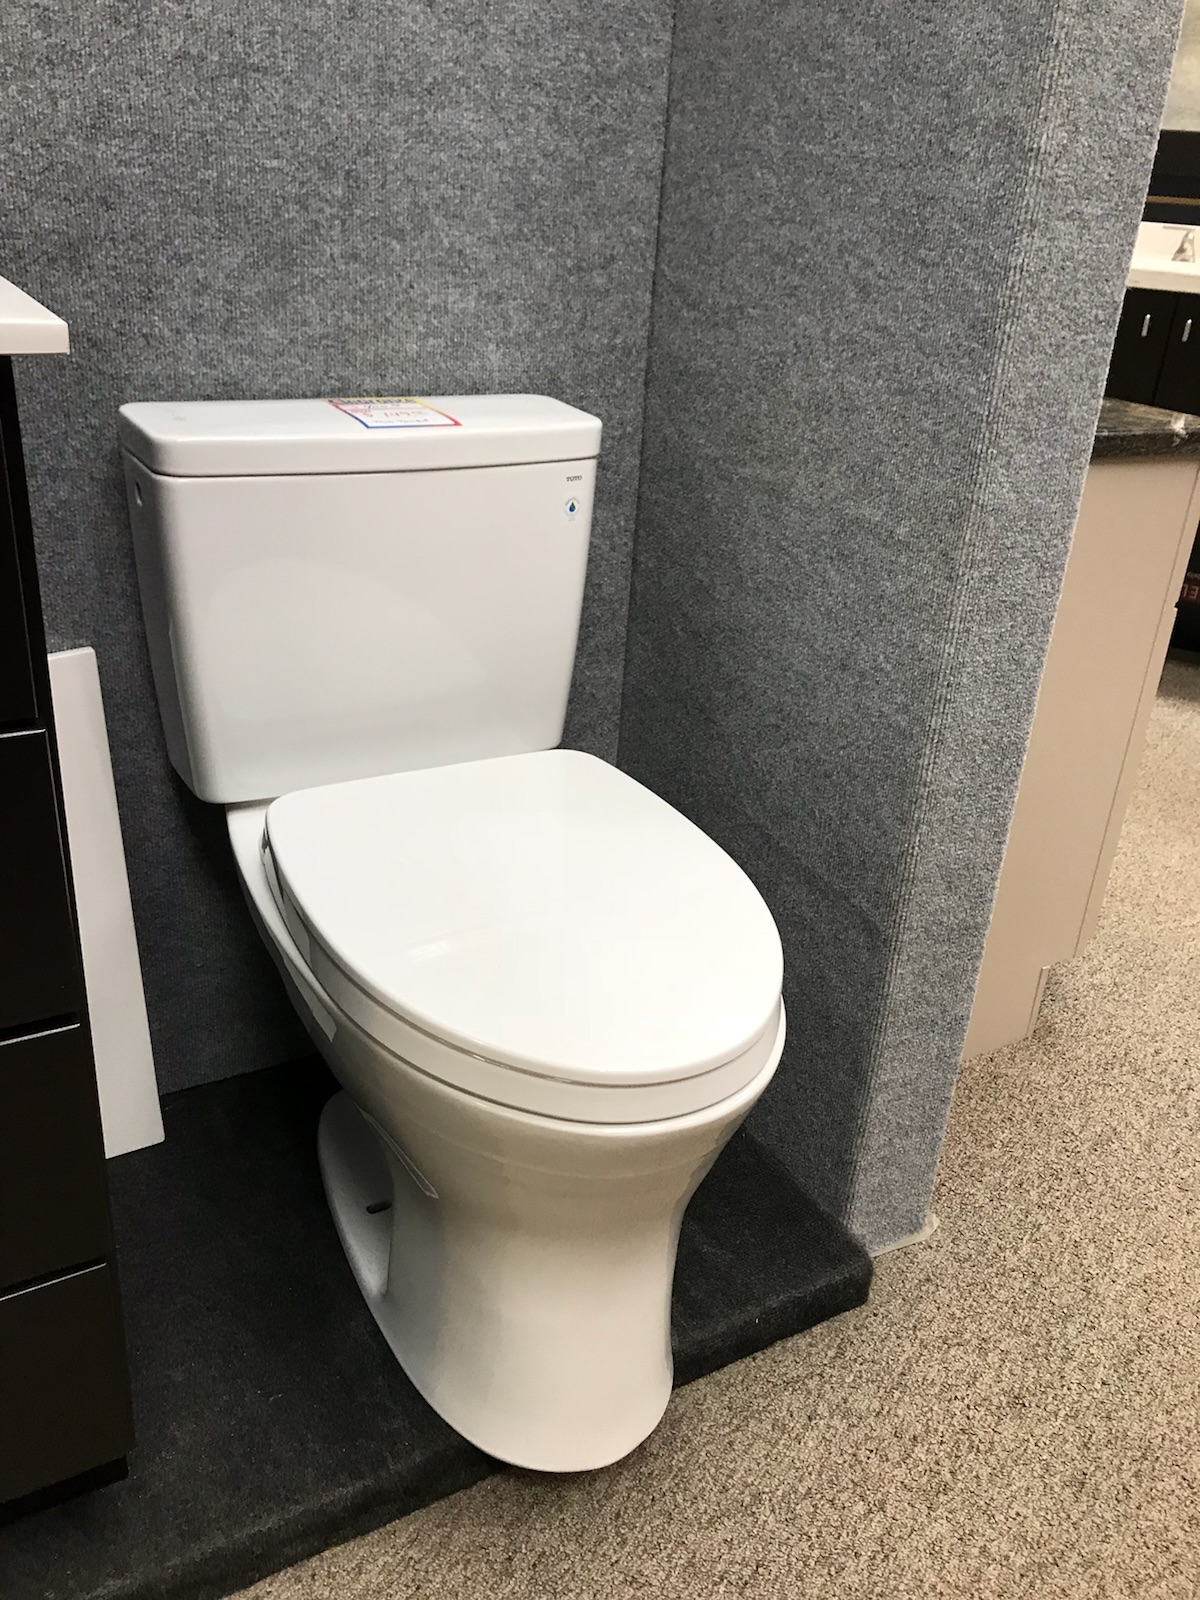 Toto toilet Drake